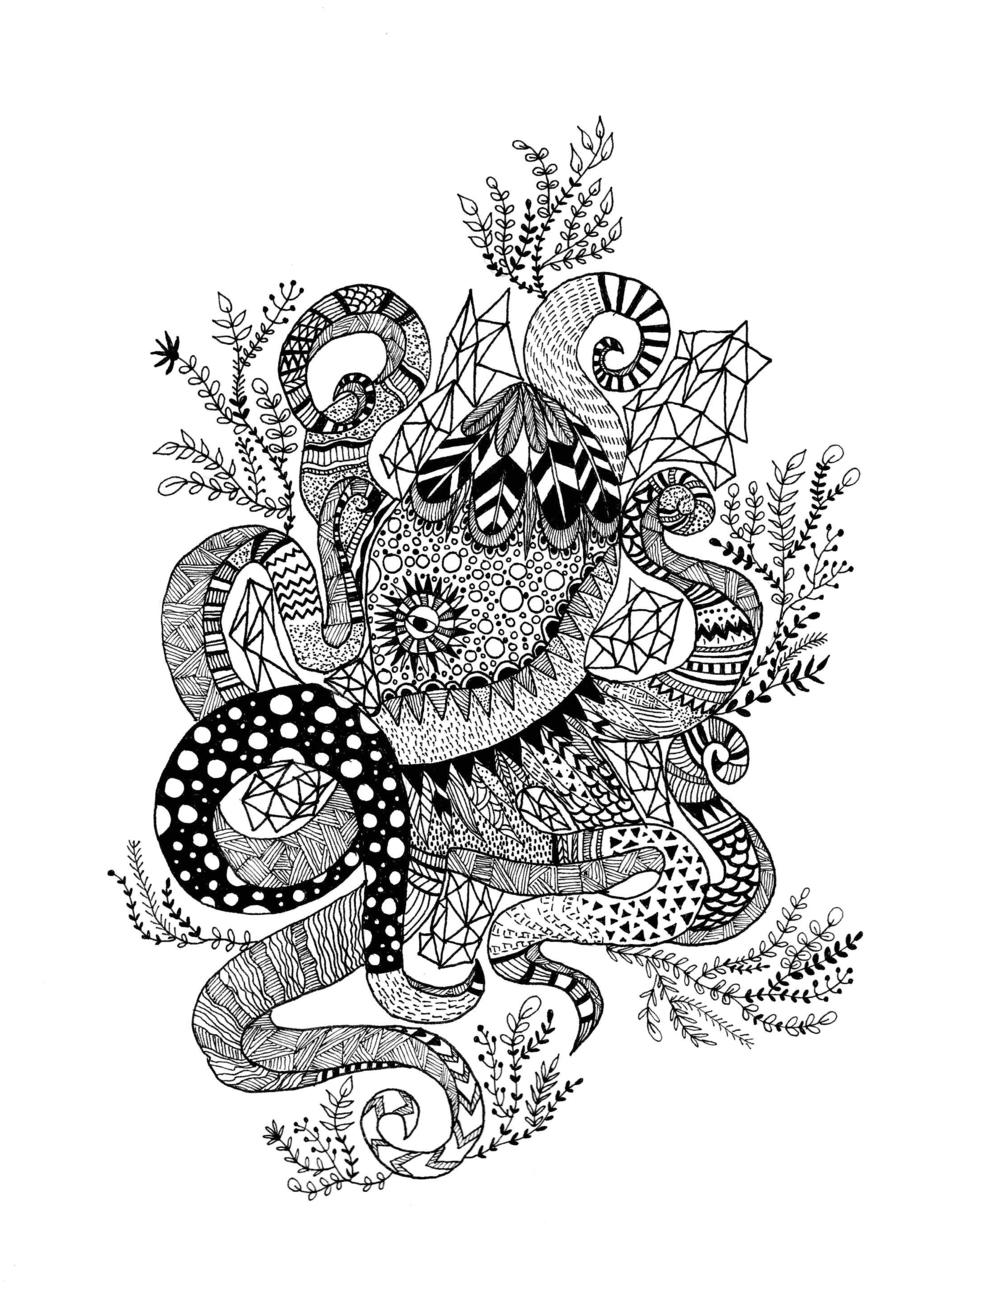 Octopus+Doodle.jpg